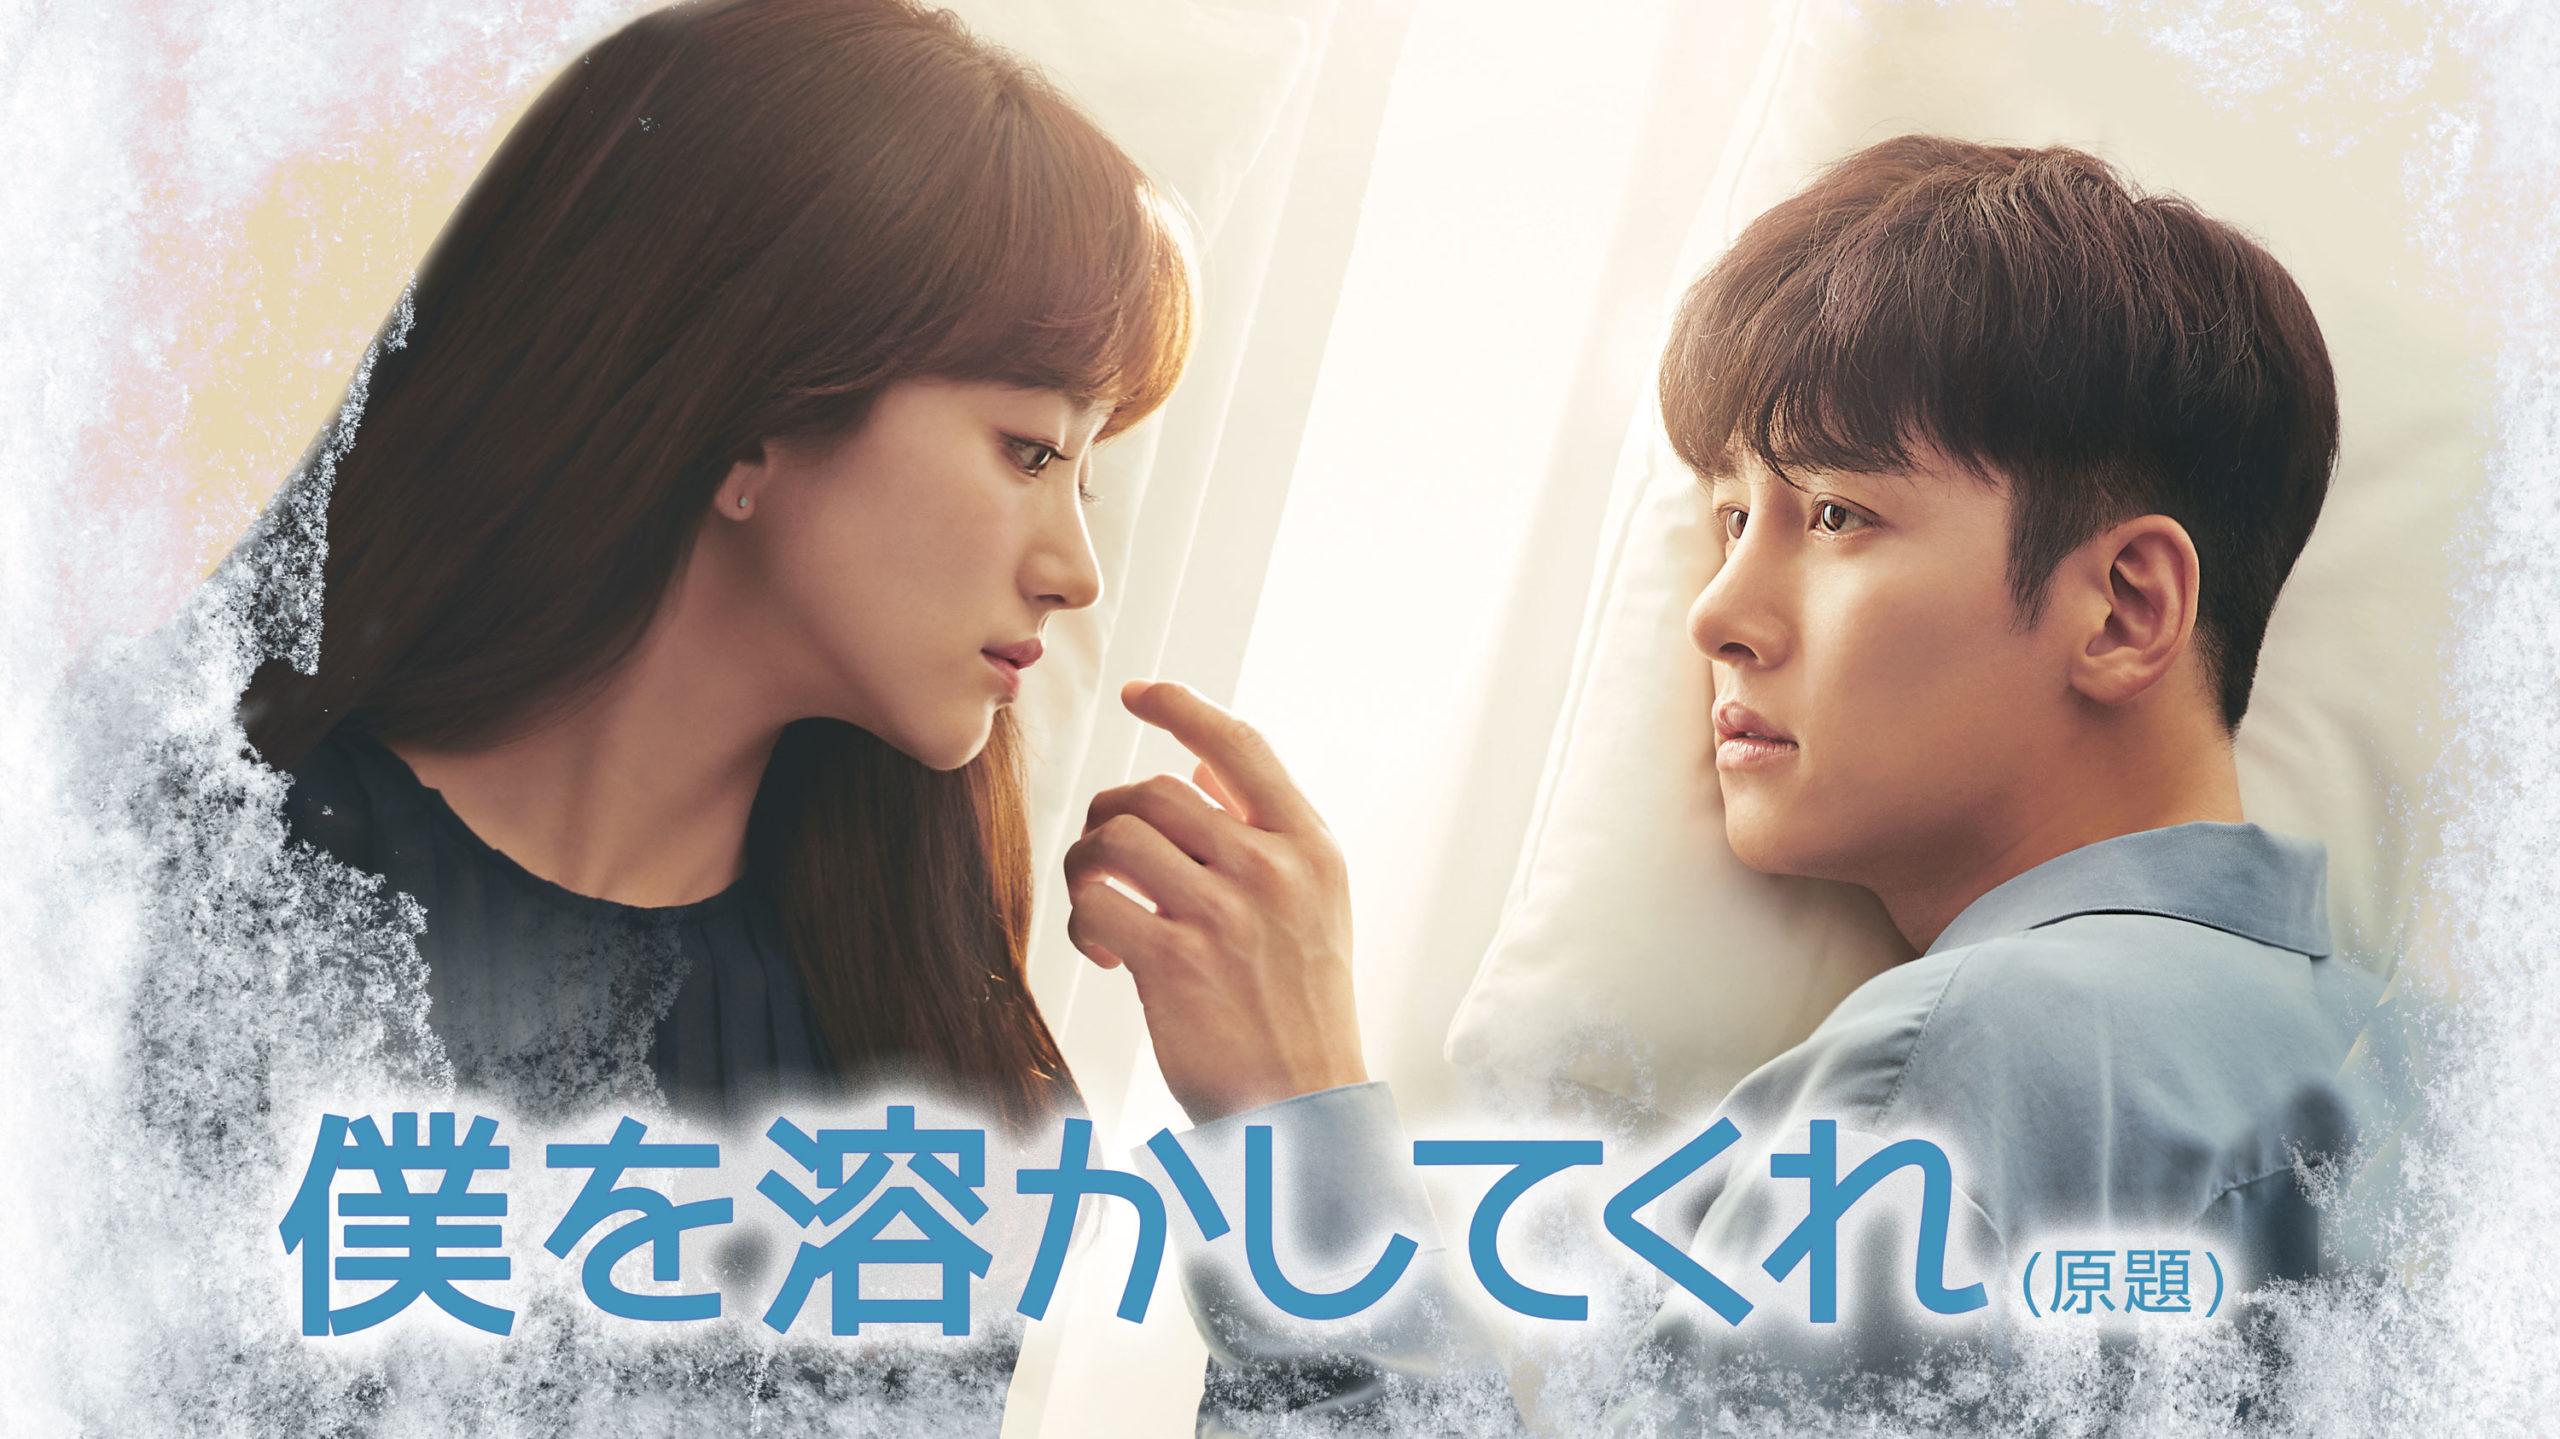 韓国ドラマ「僕を溶かしてくれ」のキャストは?プロフやSNS、あらすじも